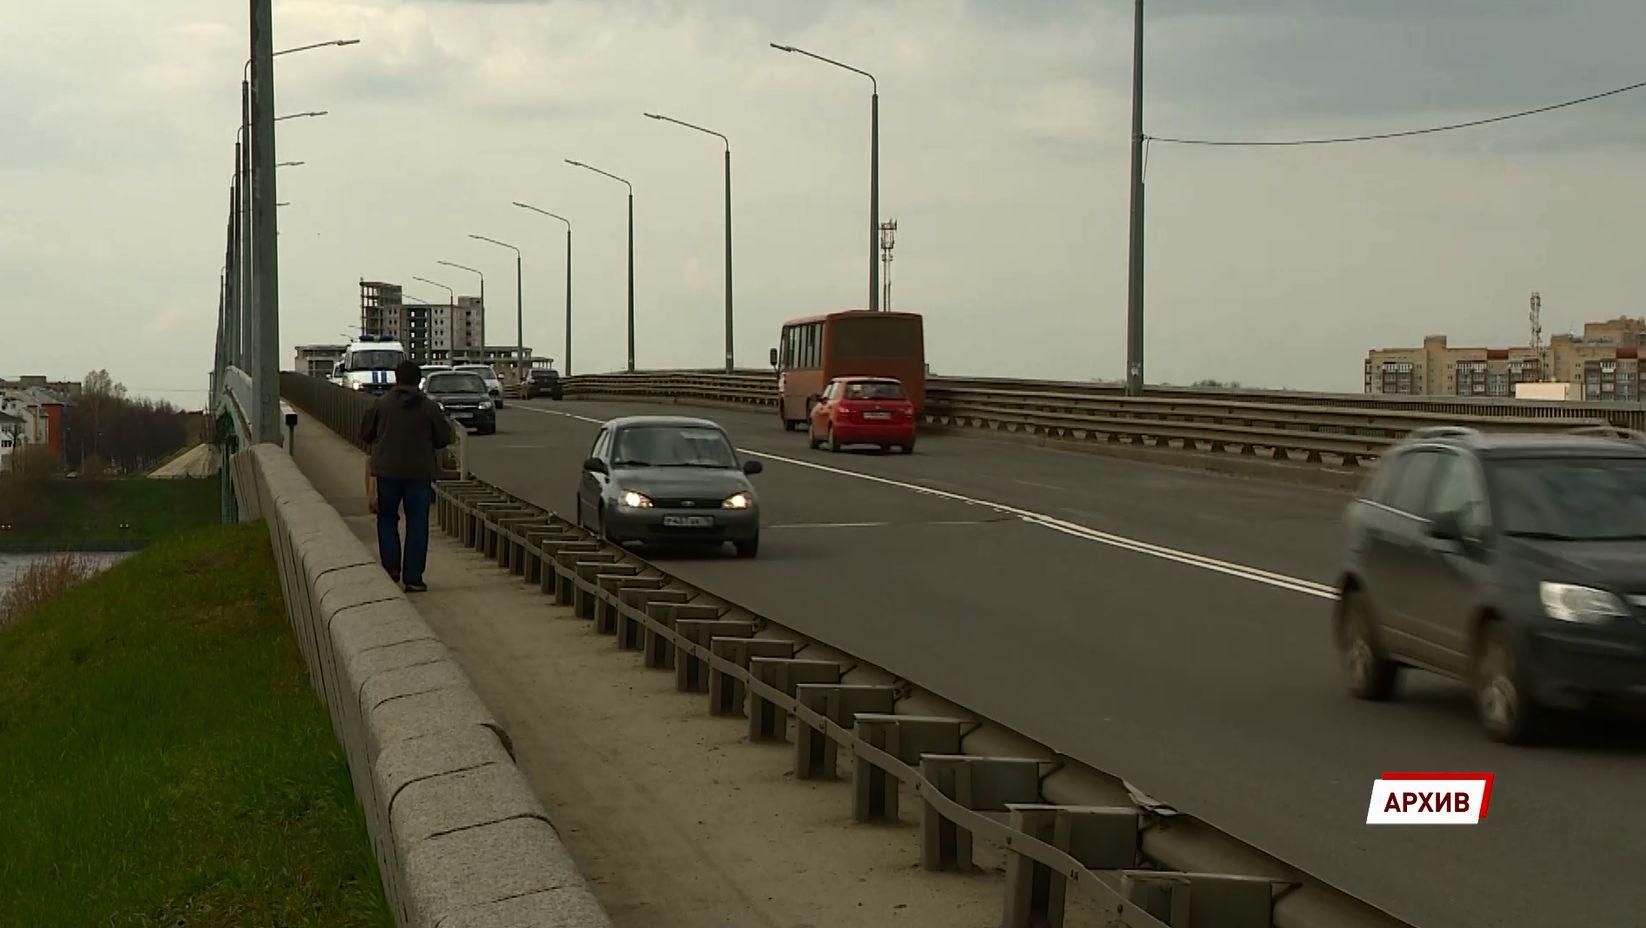 Октябрьский мост в Ярославле будут ремонтировать в сентябре